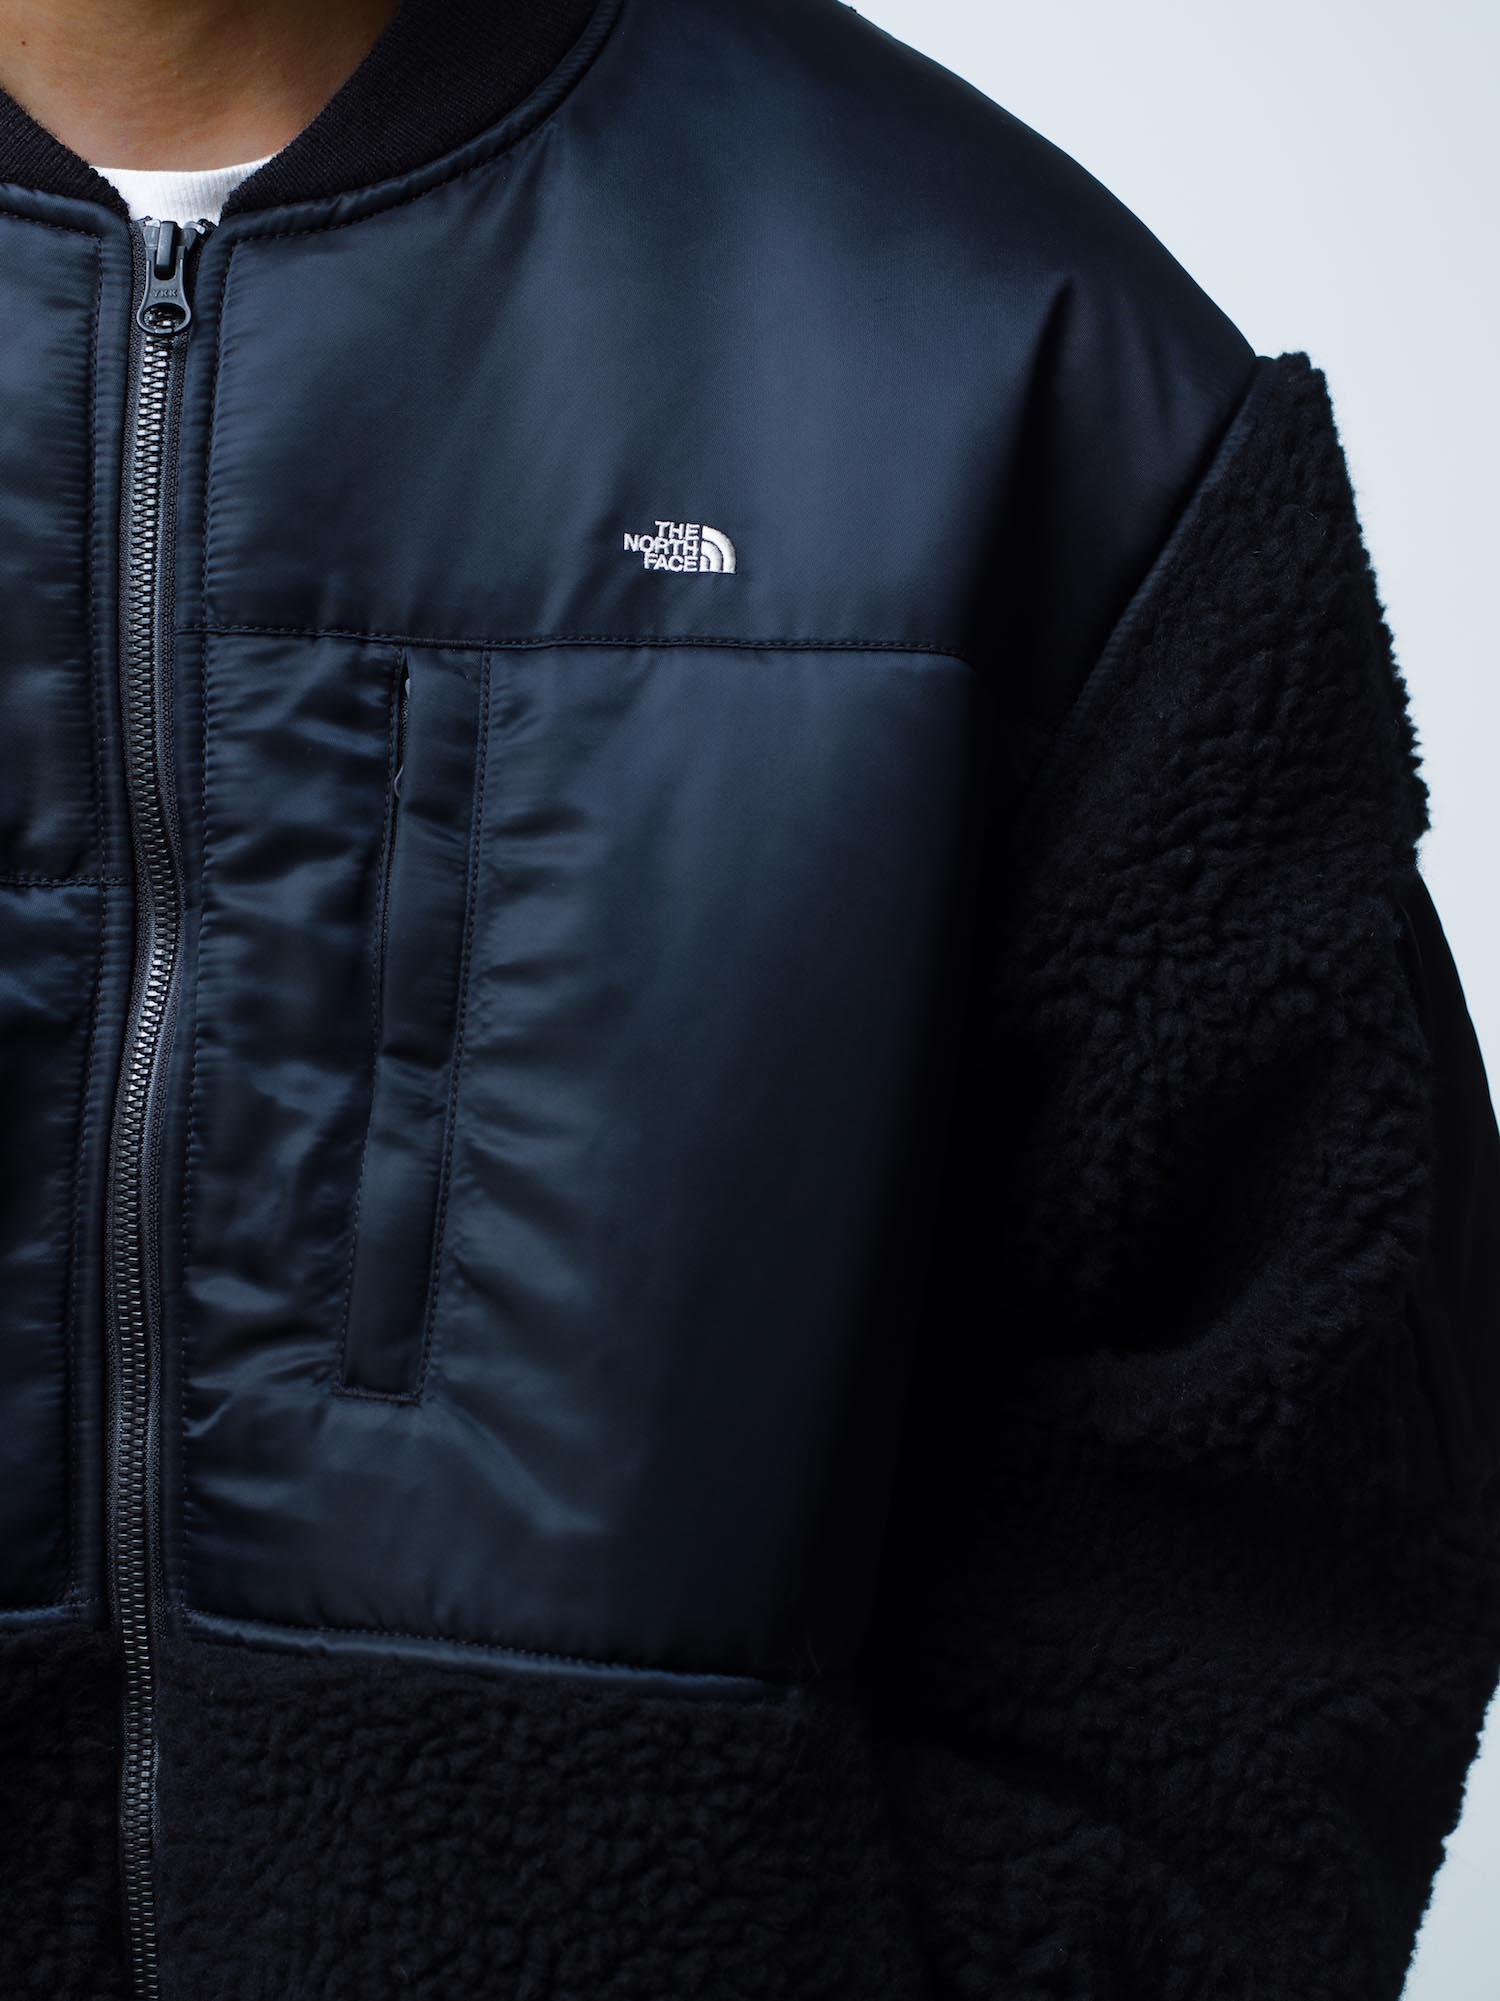 27) Jacket ¥44,000